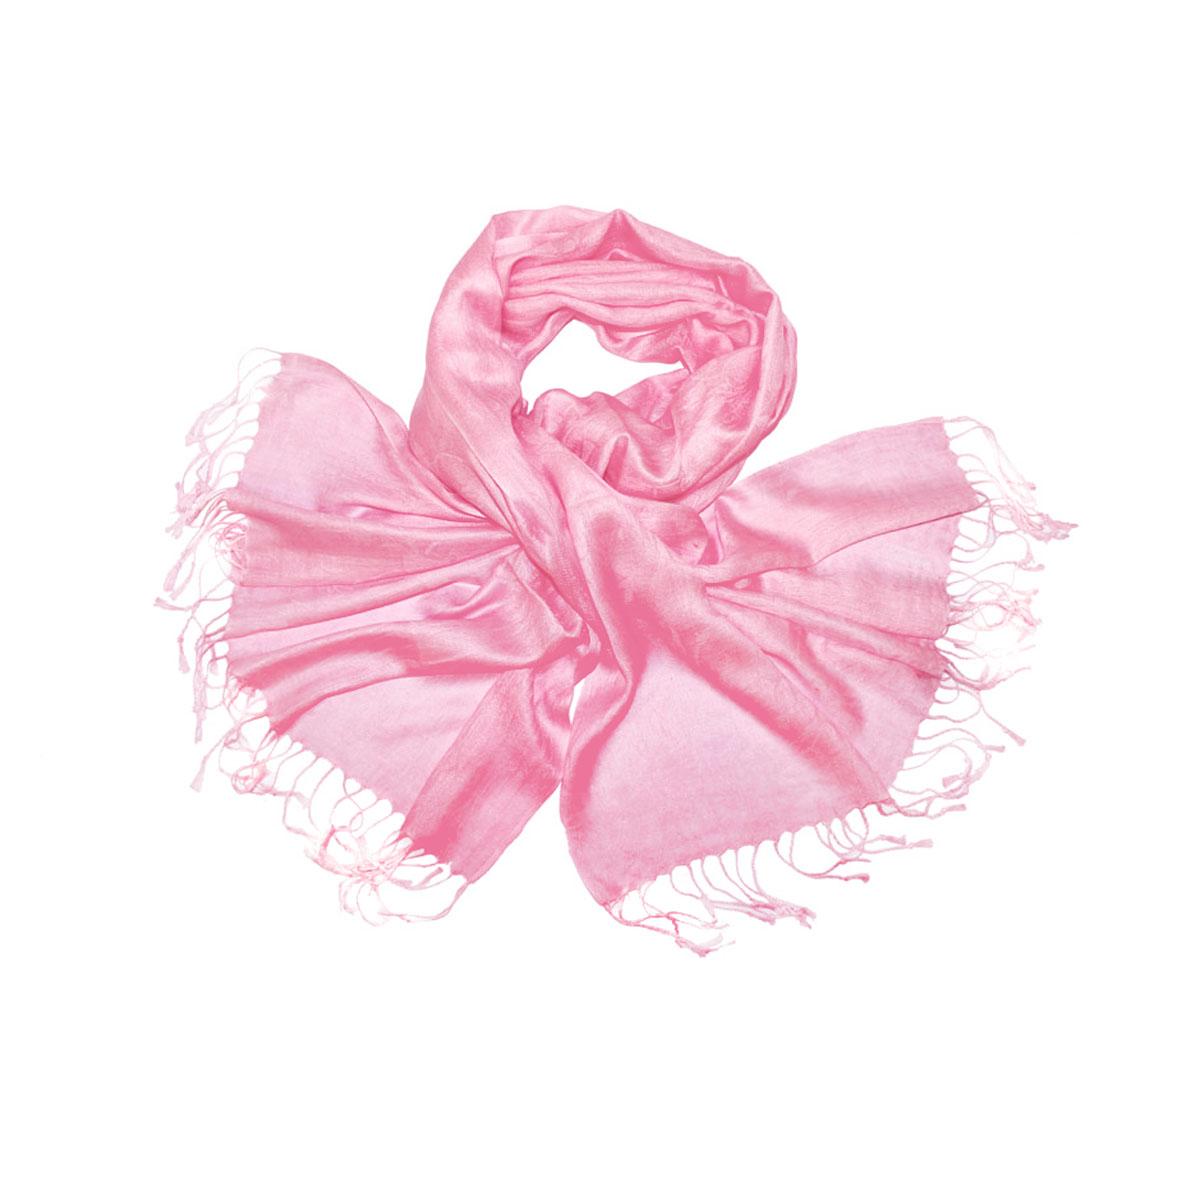 Палантин Ethnica, цвет: розовый. 440190н. Размер 70 см х 180 см440190нЭлегантный палантин Ethnica подчеркнет ваш неповторимый образ. Он выполнен из мягкого шелка и оформлен оригинальным принтом с цветами и пейсли. Края палантина декорированы кисточками, скрученными в жгутики. Этот модный аксессуар женского гардероба гармонично дополнит образ современной женщины, следящей за своим имиджем и стремящейся всегда оставаться стильной и элегантной. В этом палантине вы всегда будете выглядеть женственной и привлекательной.